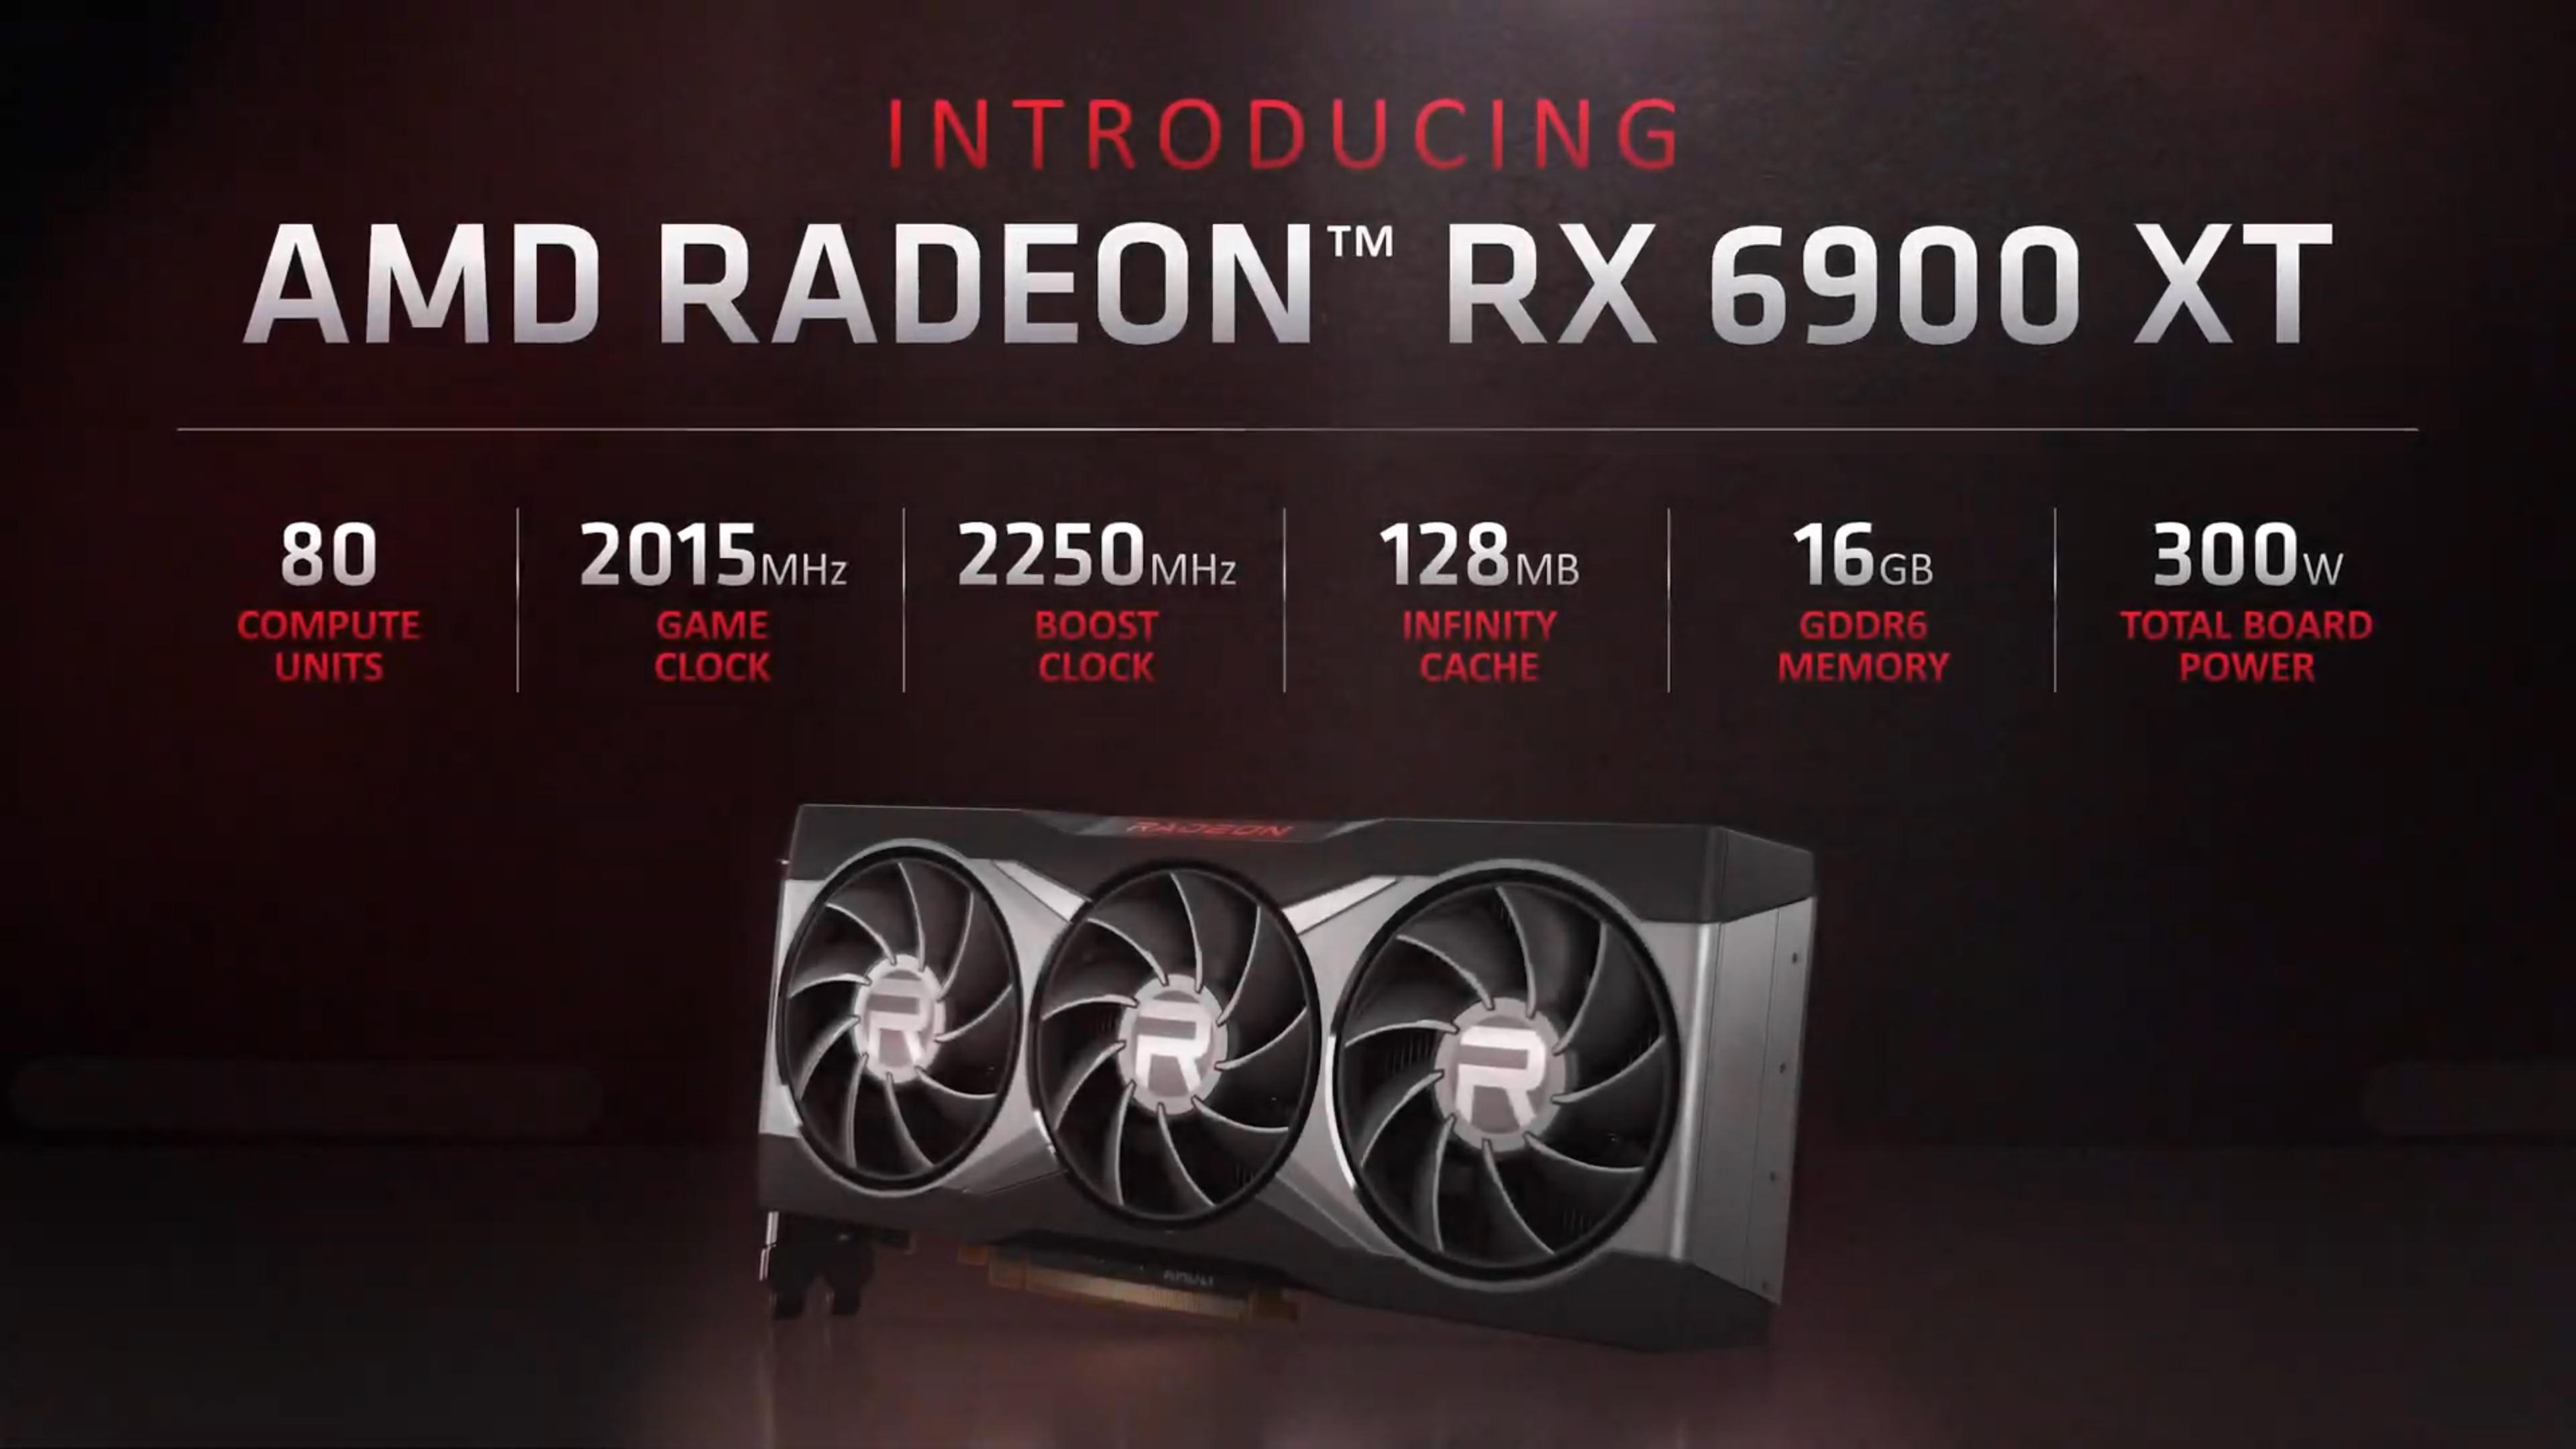 """AMD Radeon RX 6900 XT Placa de vídeo """"Big Navi"""" carro-chefe: lançada por US $ 999 - concorrente da GeForce RTX 3090 com apenas 300 W 3"""